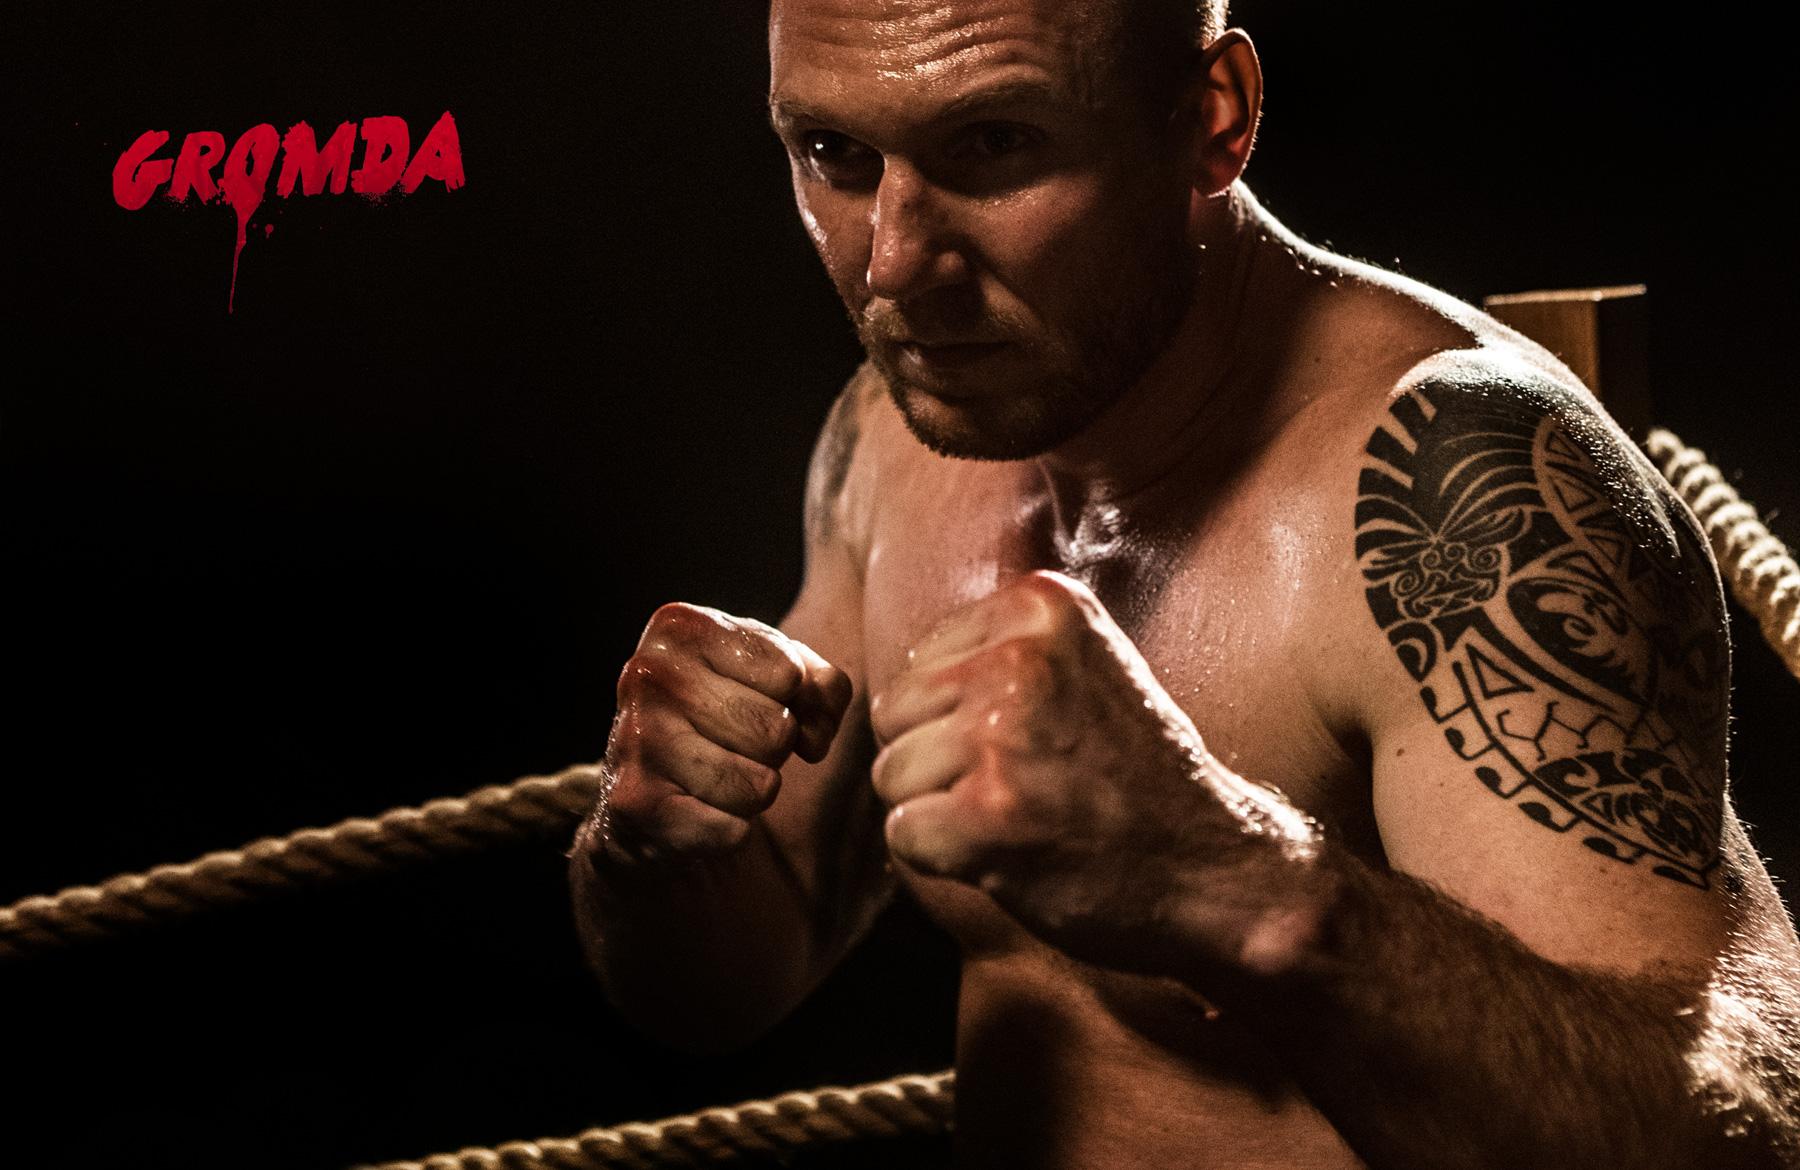 Krwawy Sport GROMDA Fight Club, czyli walki na gołe pięści